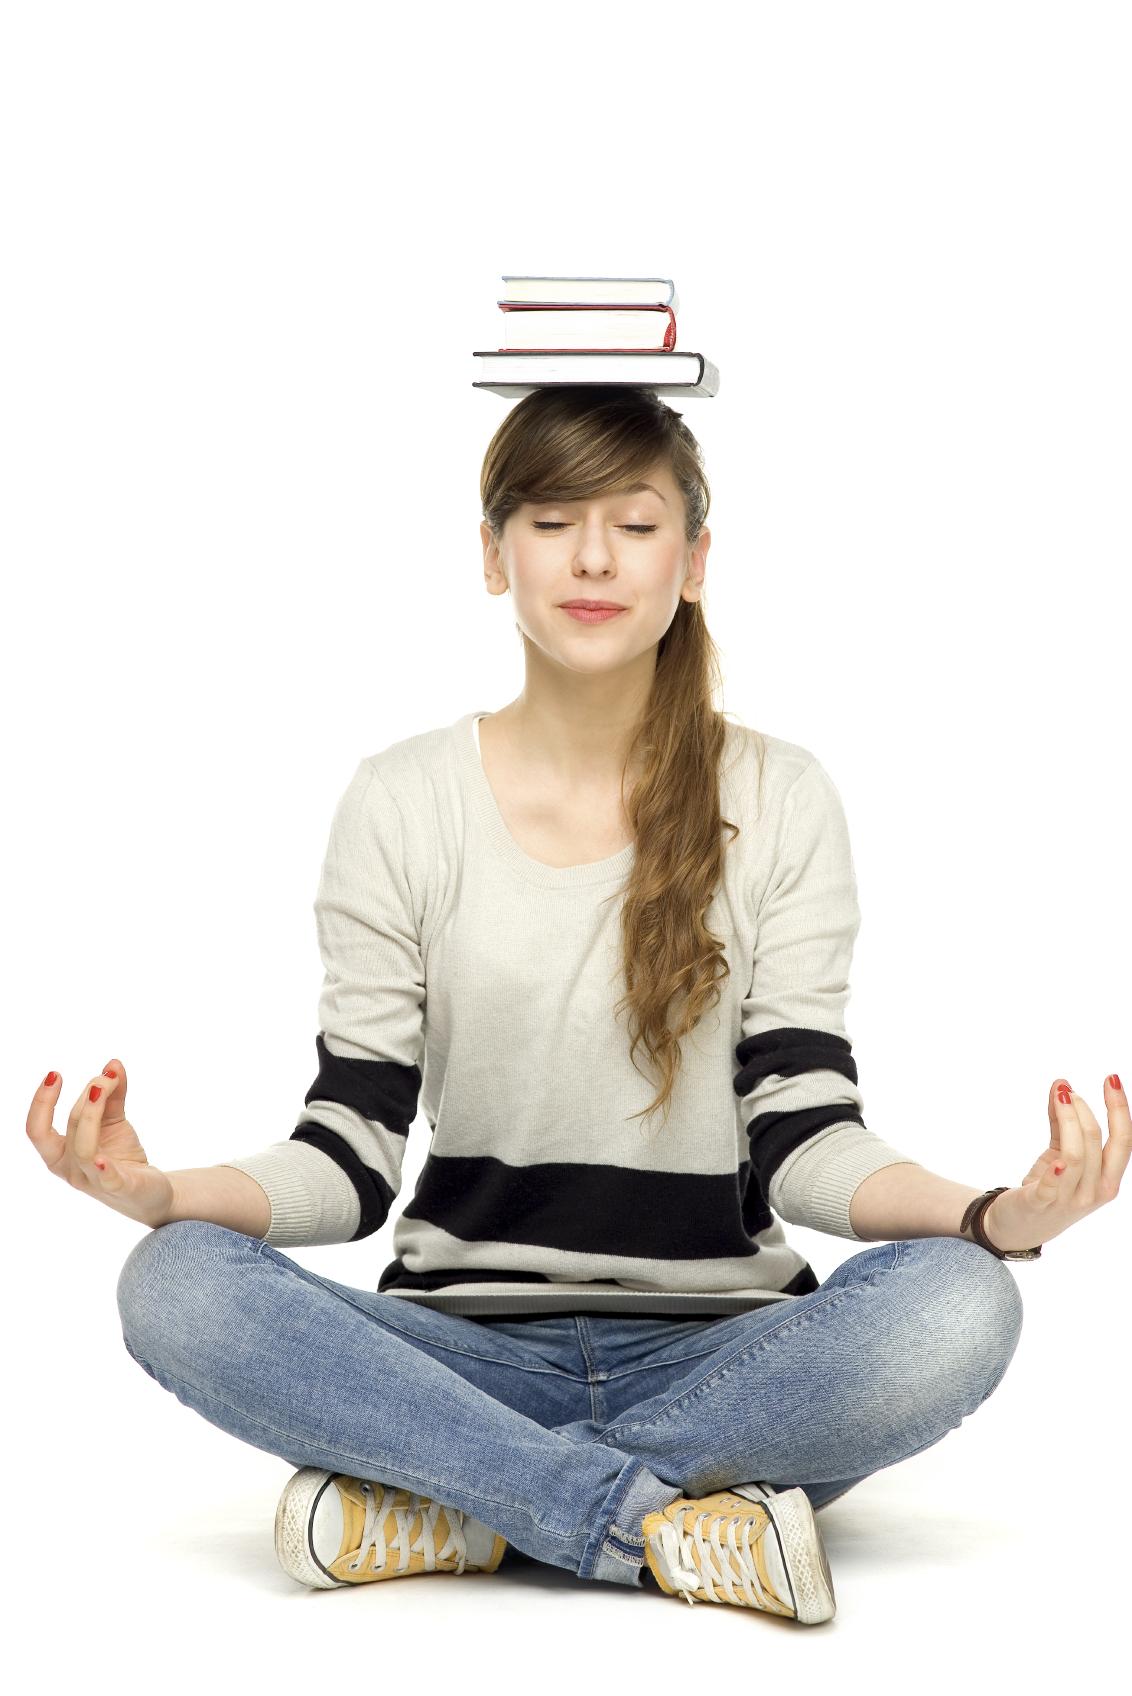 Dossier spécial Bac by Progress (3/3) : Comment bien gérer votre stress